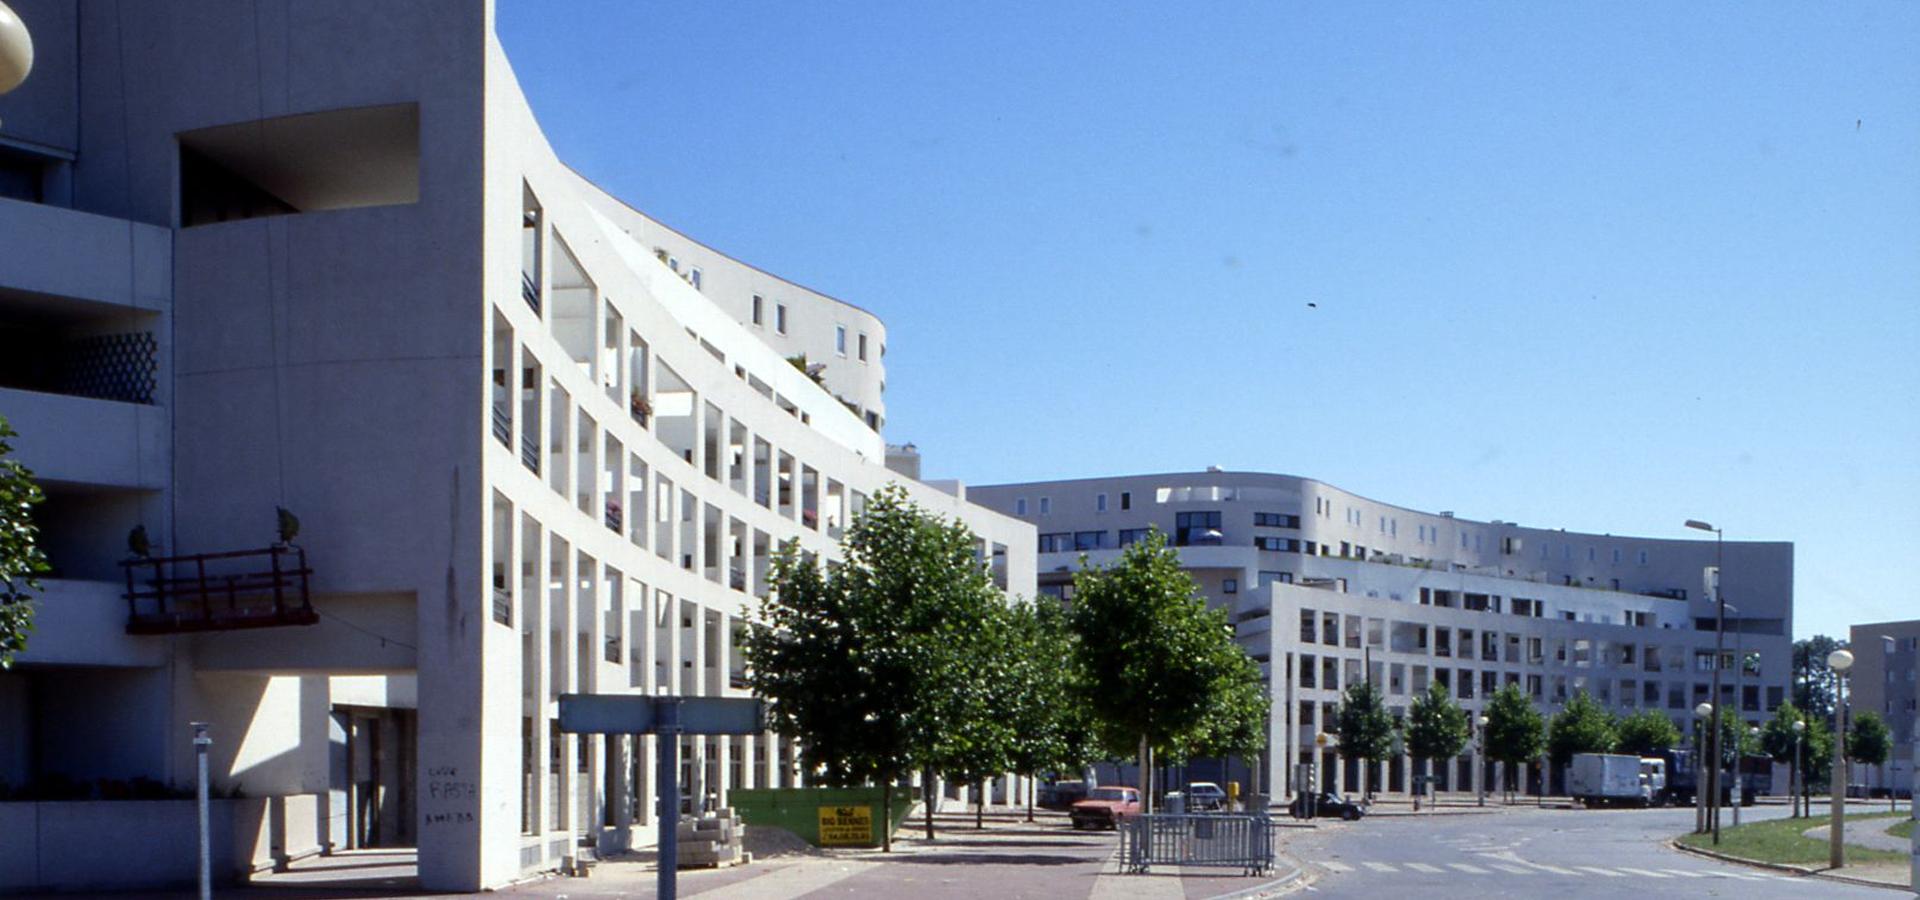 <b>Lognes, Seine-et-Marne Département, Île-de-France, France</b>